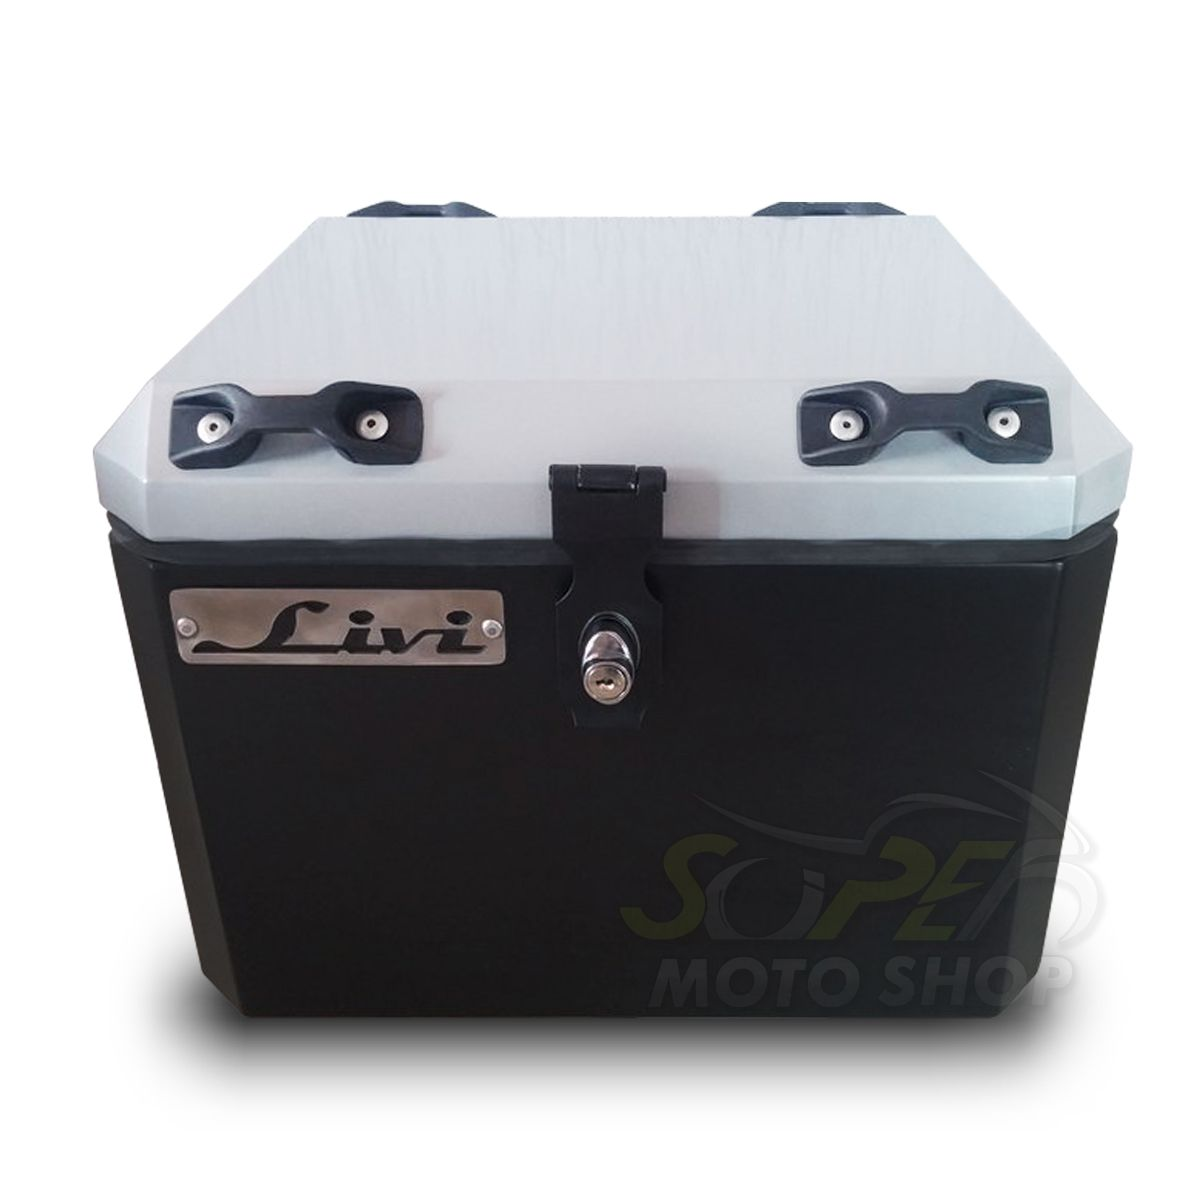 Bauleto / Baú Traseiro / Top Case Modelo Livi + Suporte Base - CB 500 X - Honda